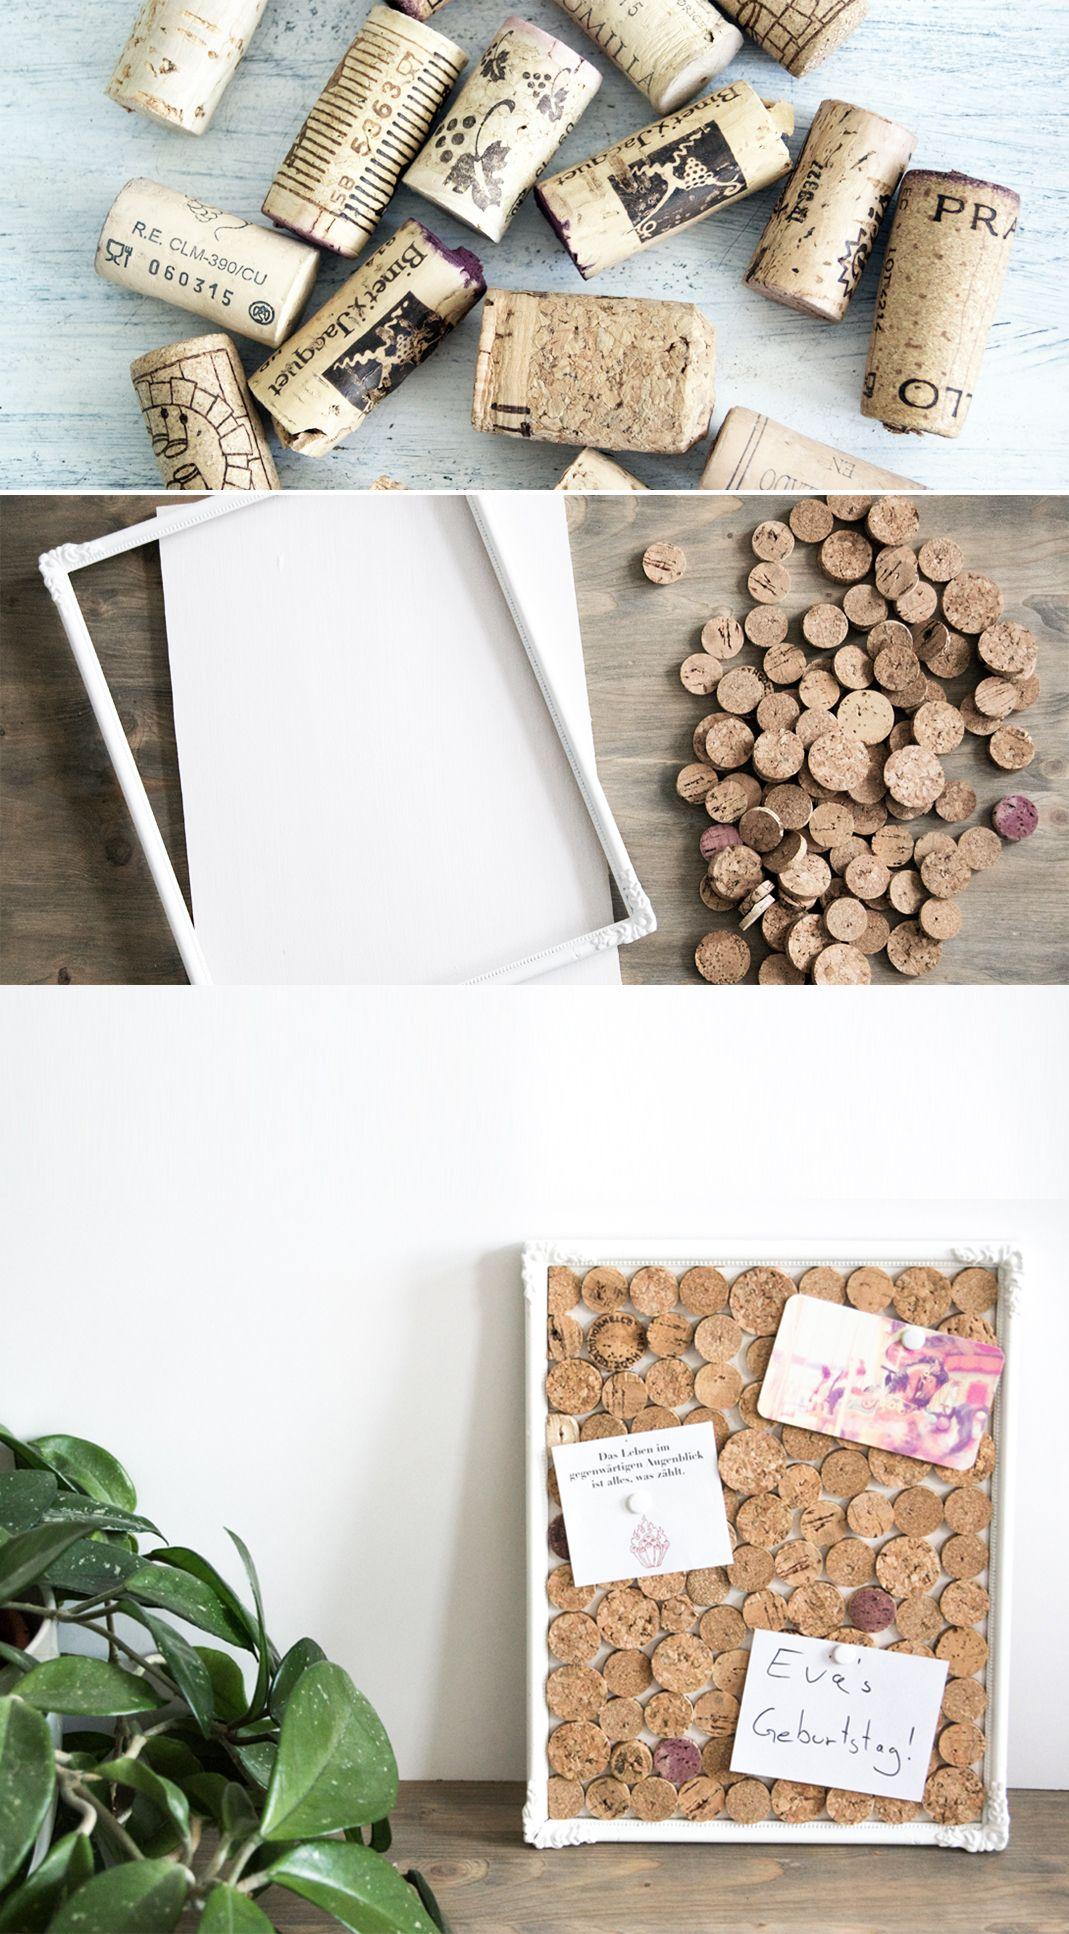 schereleimpapier für FROSCHBLOG: Kork-Upcycling | Pinnwand ...